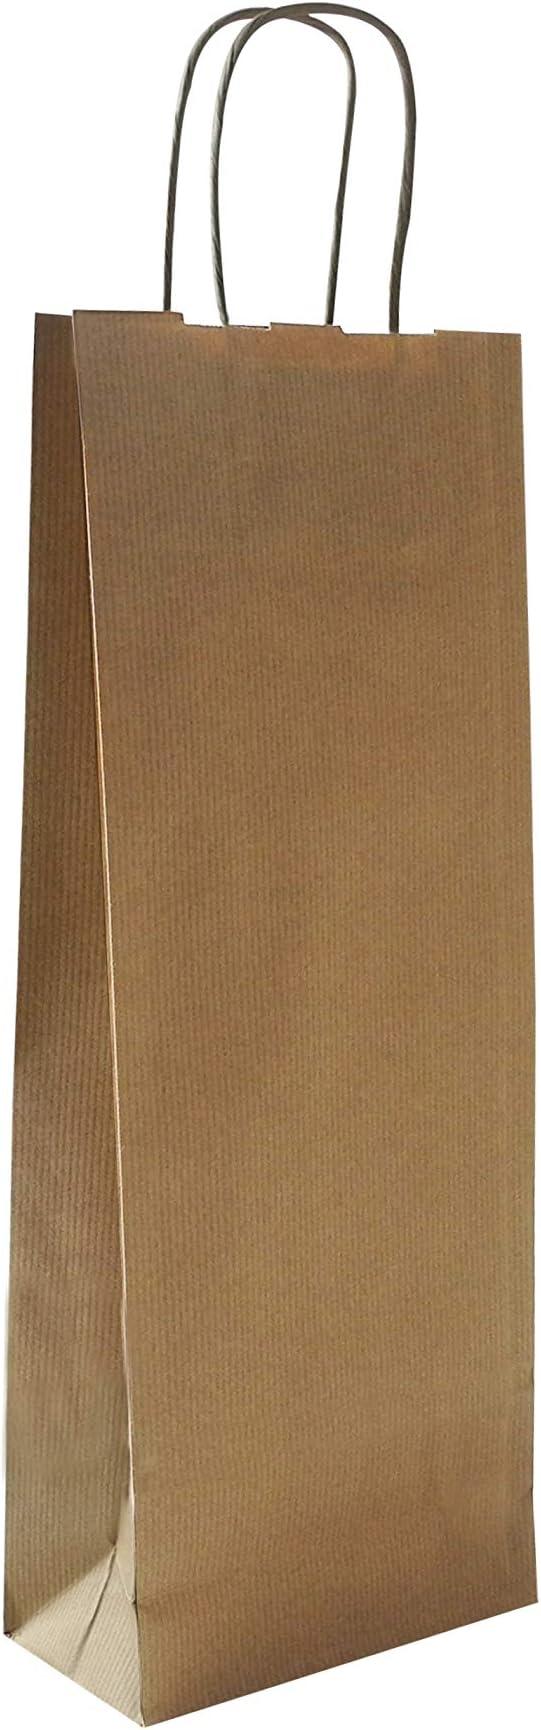 cf 10 pz maniglia ritorta Portabottiglie in Sealing color Avana Carte Dozio f.to cm 15+8,5x39